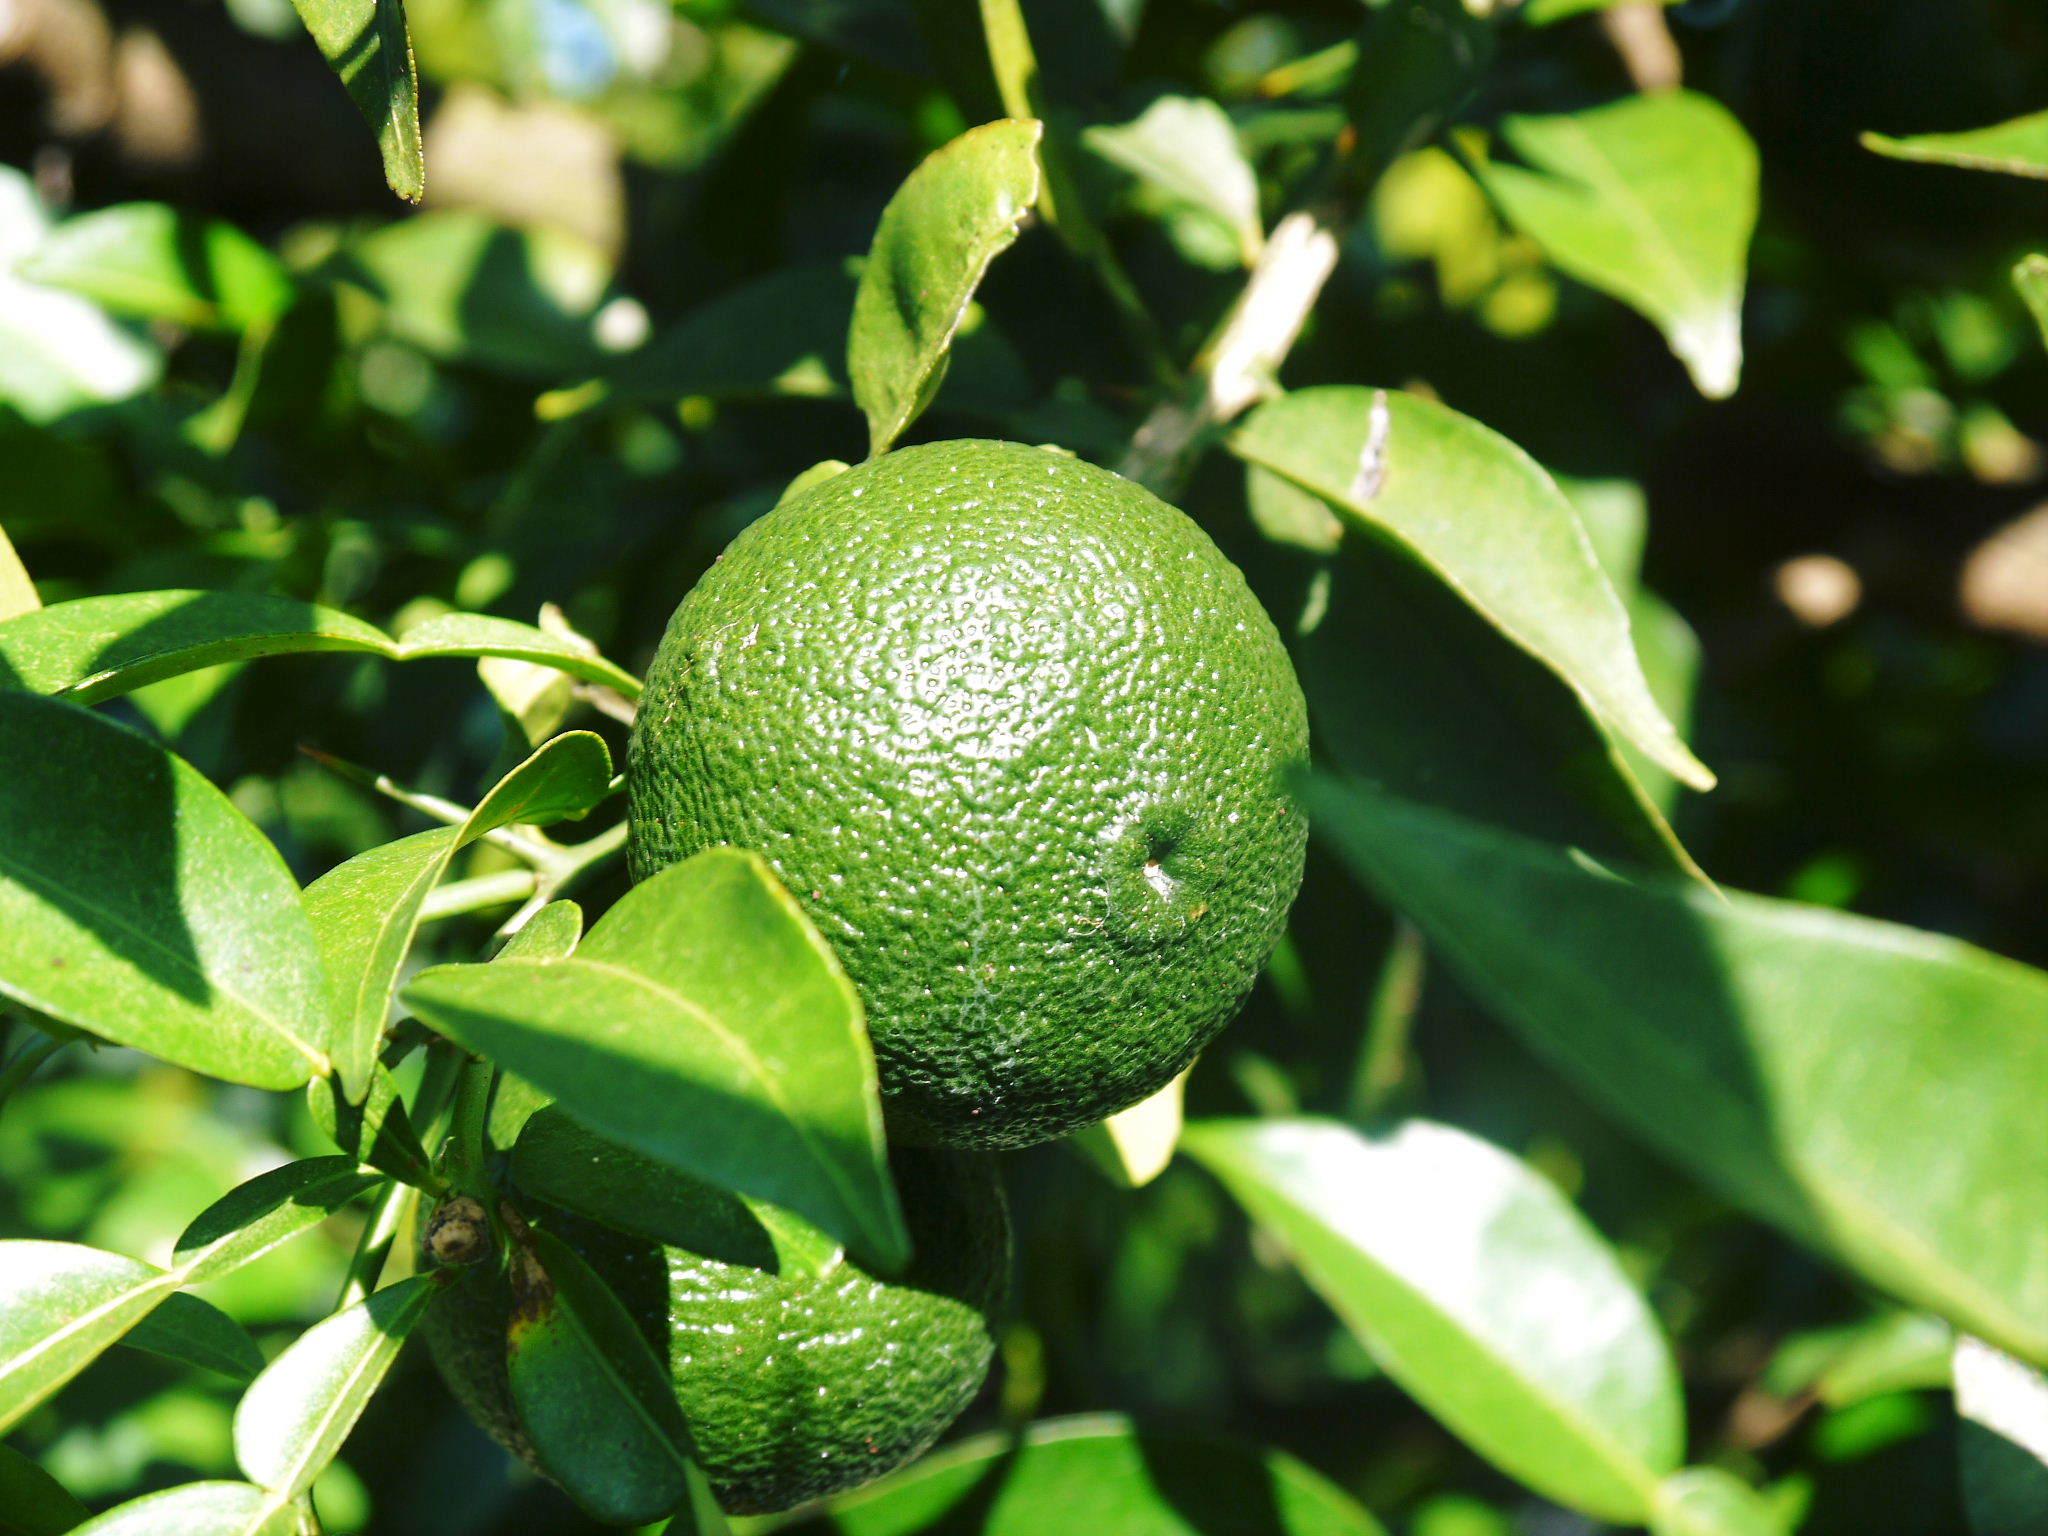 香り高き柚子(ゆず)令和2年の青柚子は9月中旬より出荷予定!今のうち青唐辛子を購入しておいて下さい!_a0254656_18003593.jpg